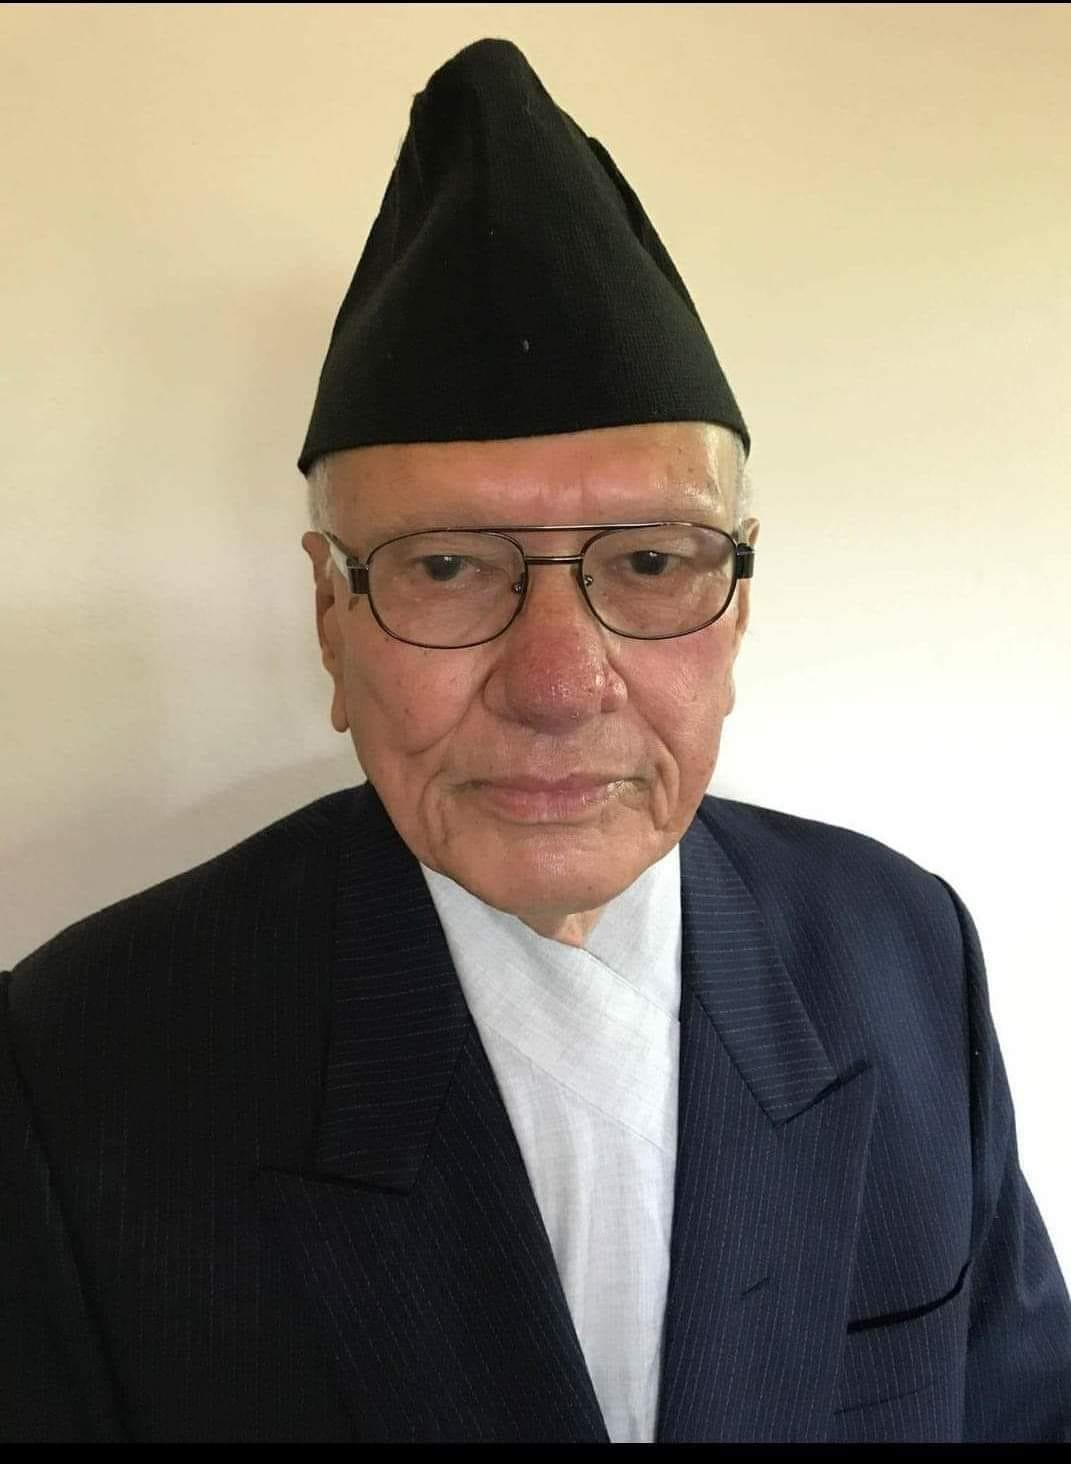 कांग्रेस म्याग्दीका पूर्वसभापति डा. खड्काको निधन